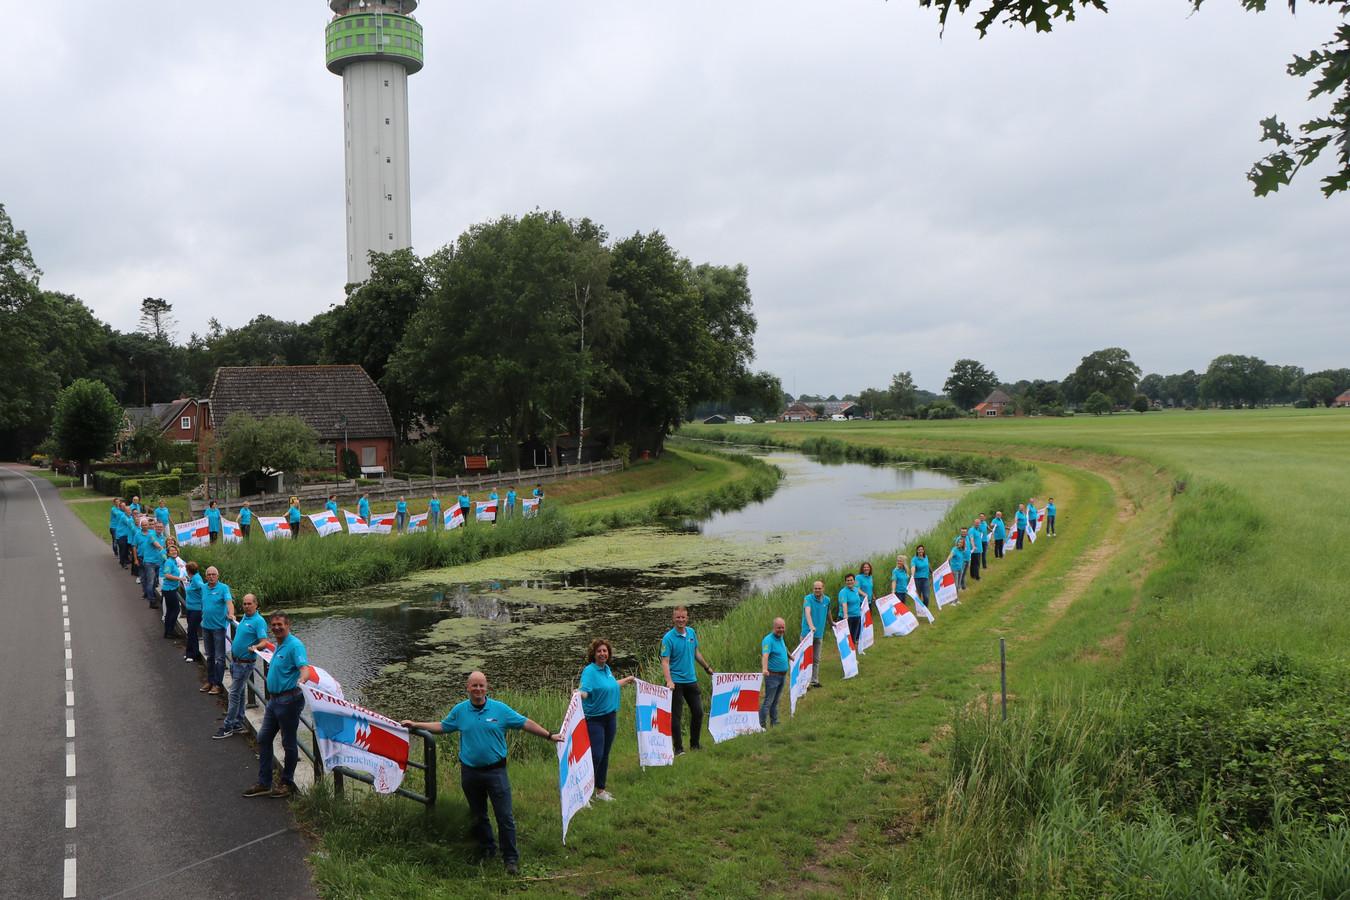 Bestuurs- en commissieleden van het Dorpsfeest Markelo vormen bij de Schipbeek een 'lint' met vlaggen, vrij naar de regel uit het Markelo's Volkslied.